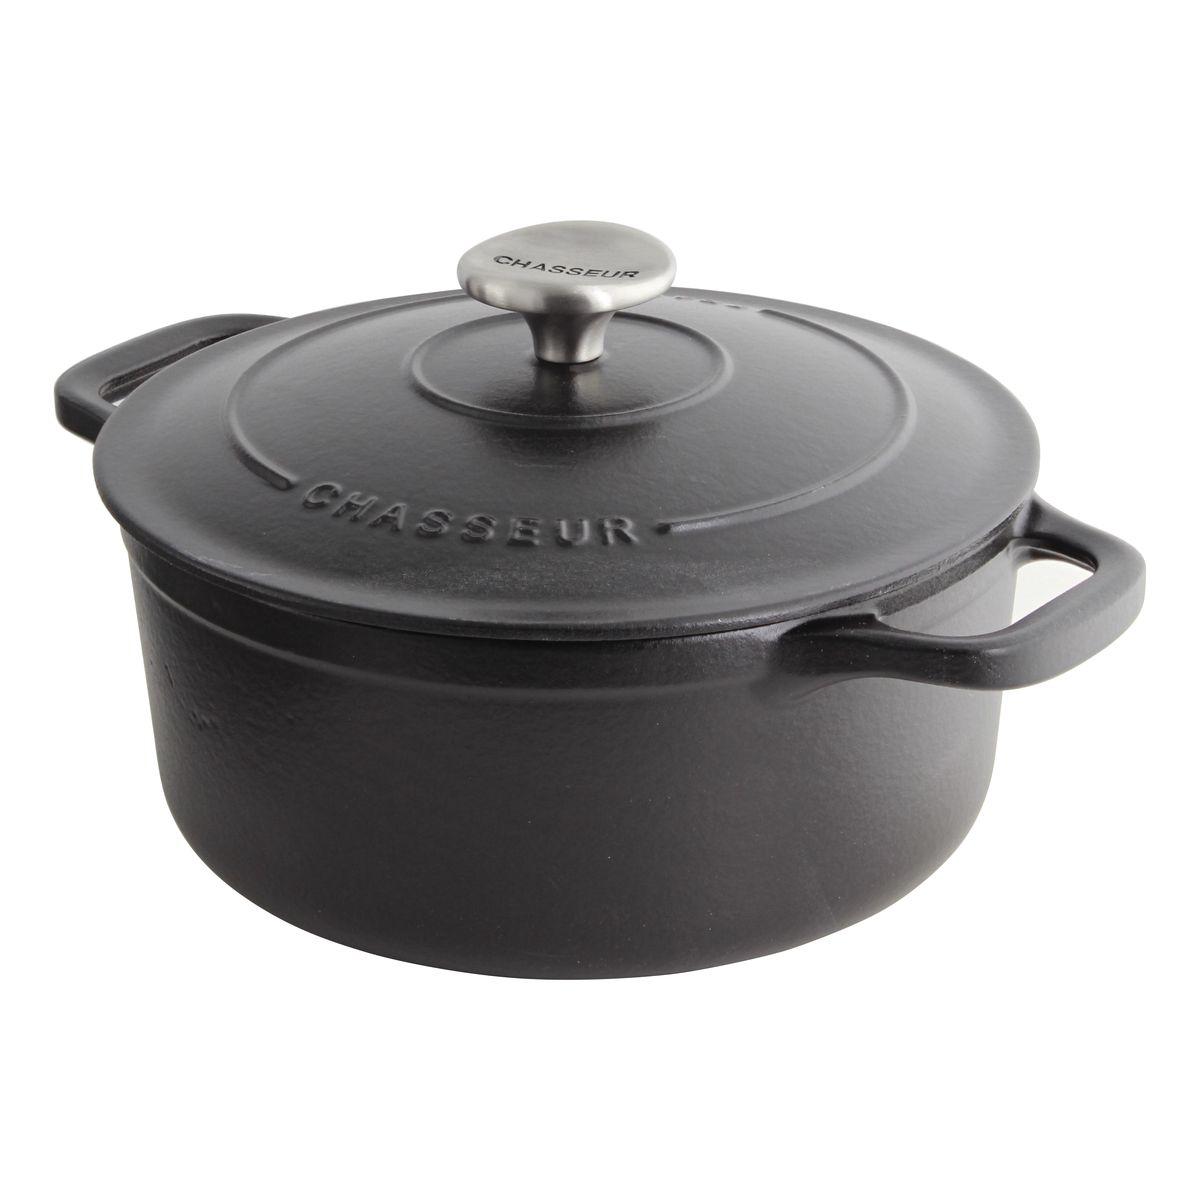 Cocotte ronde 2.4L noire - Le Chasseur